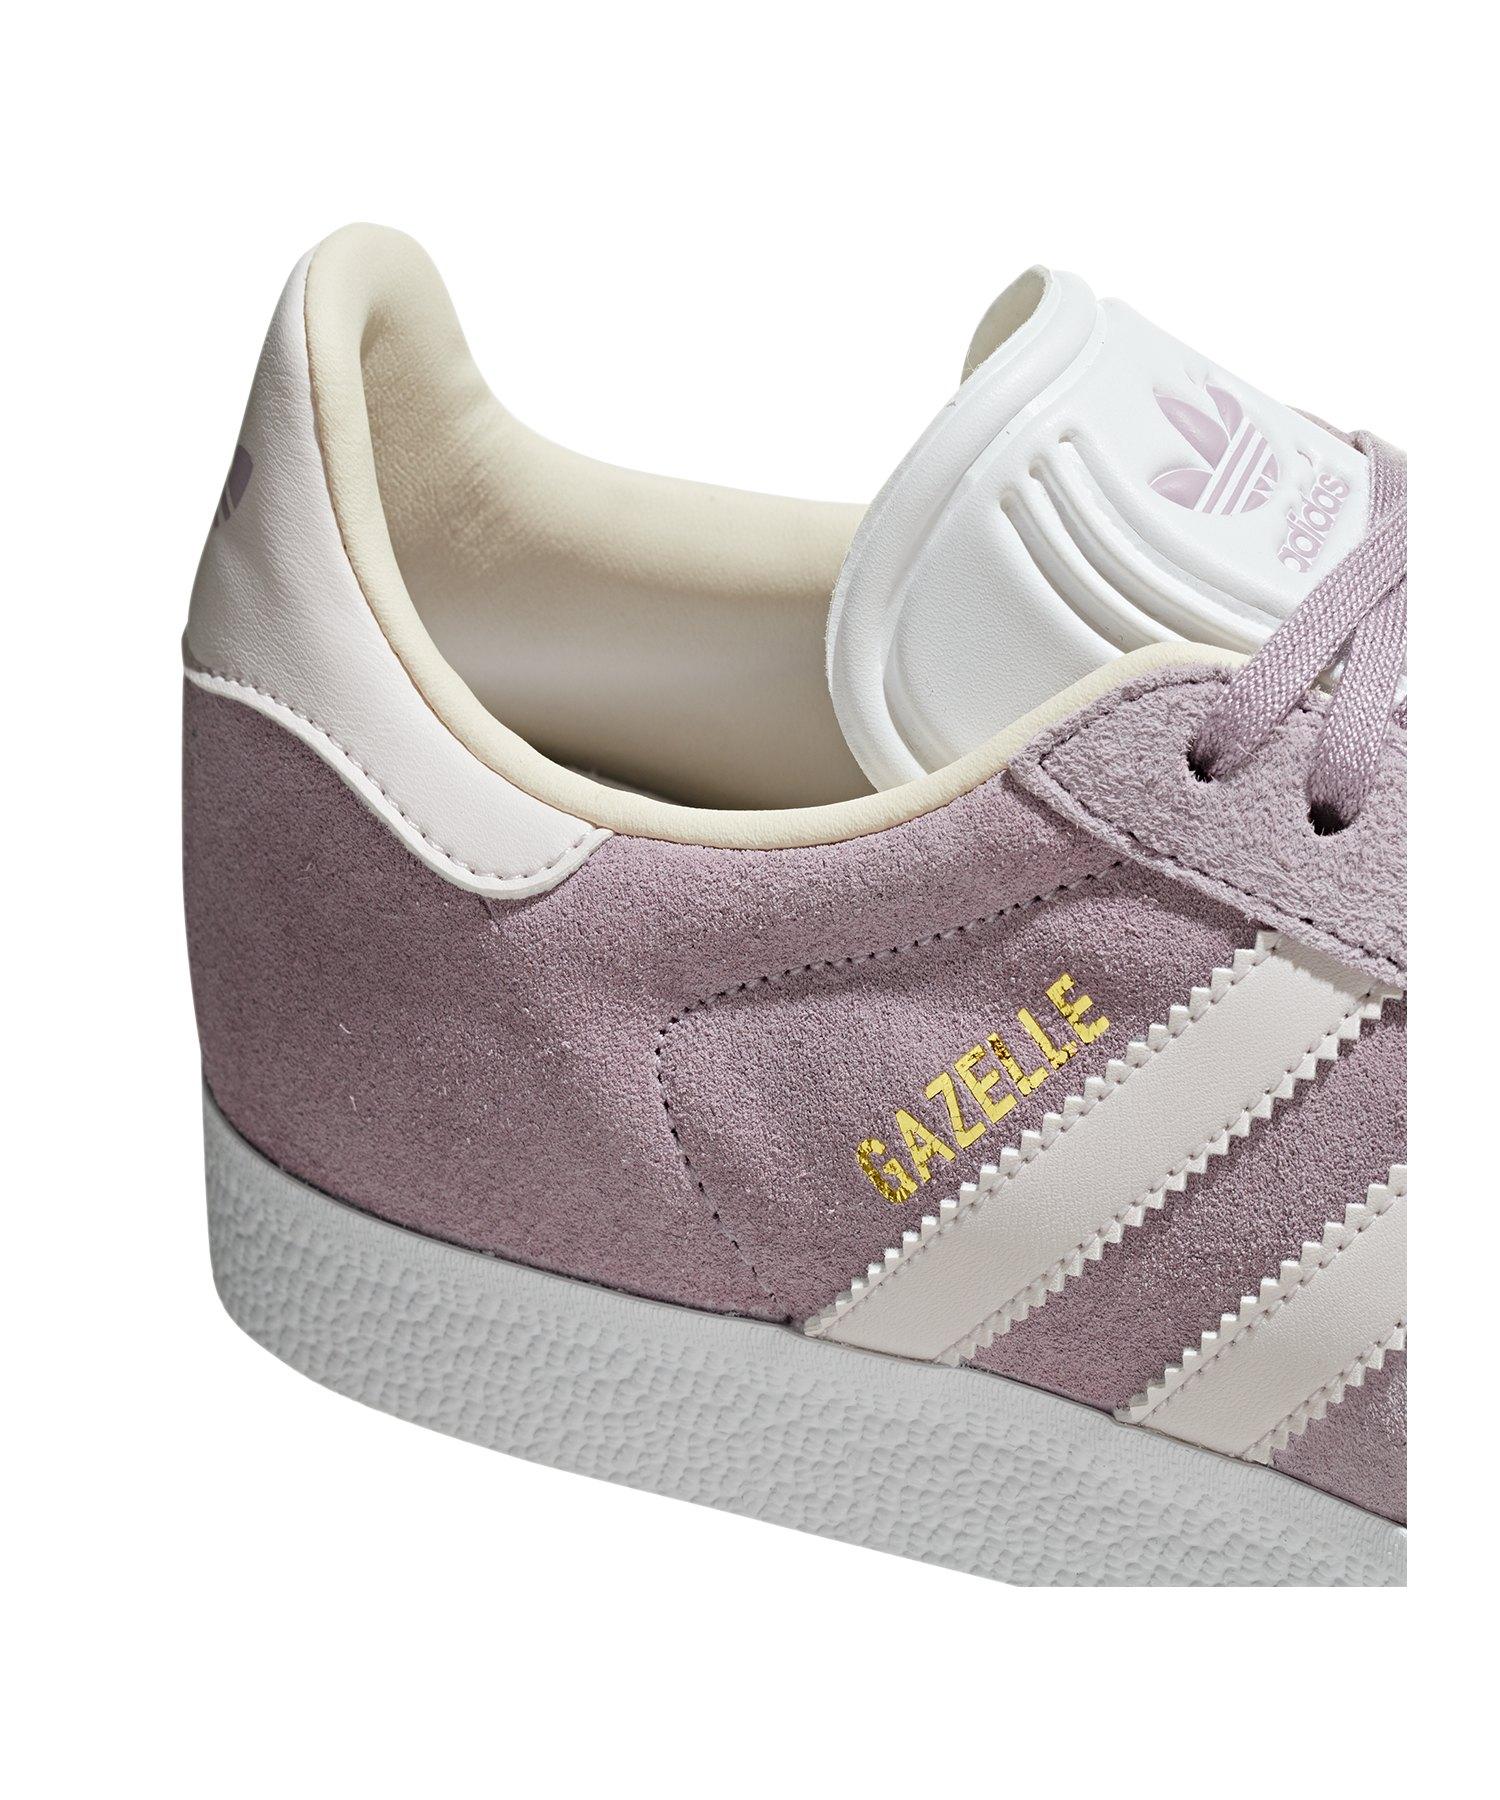 huge discount ada8d e3d78 ... adidas Originals Gazelle Sneaker Damen Grau Weiss - grau ...